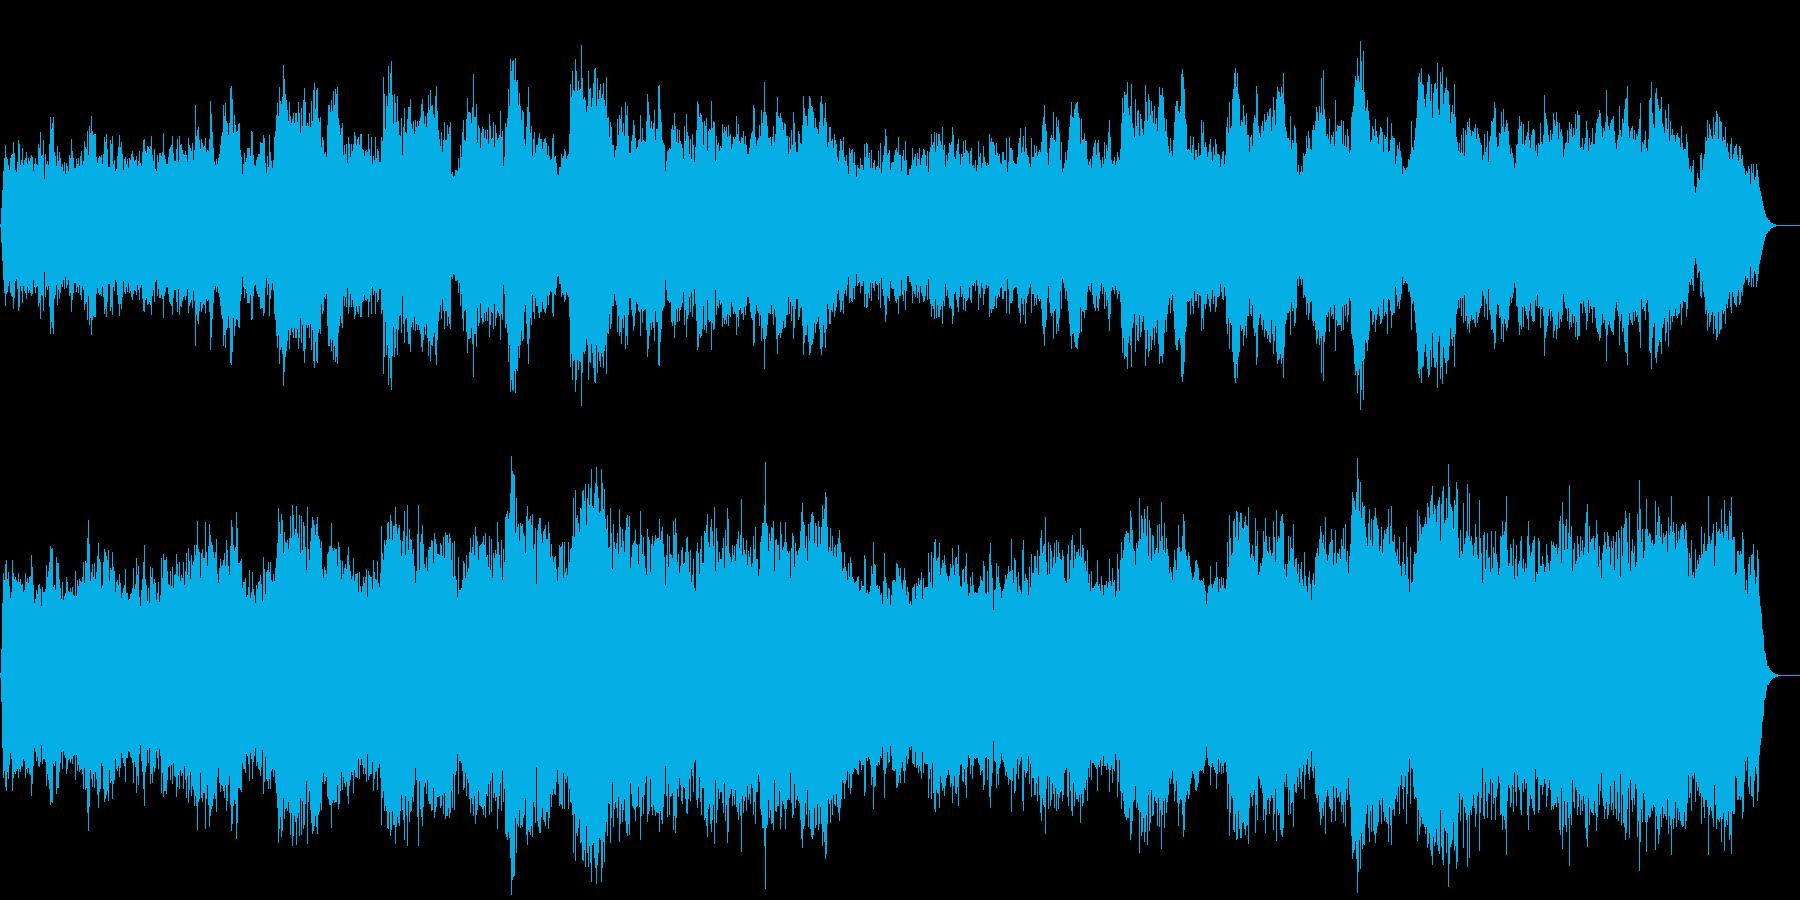 不思議な雰囲気のコーラスアンビエントの再生済みの波形